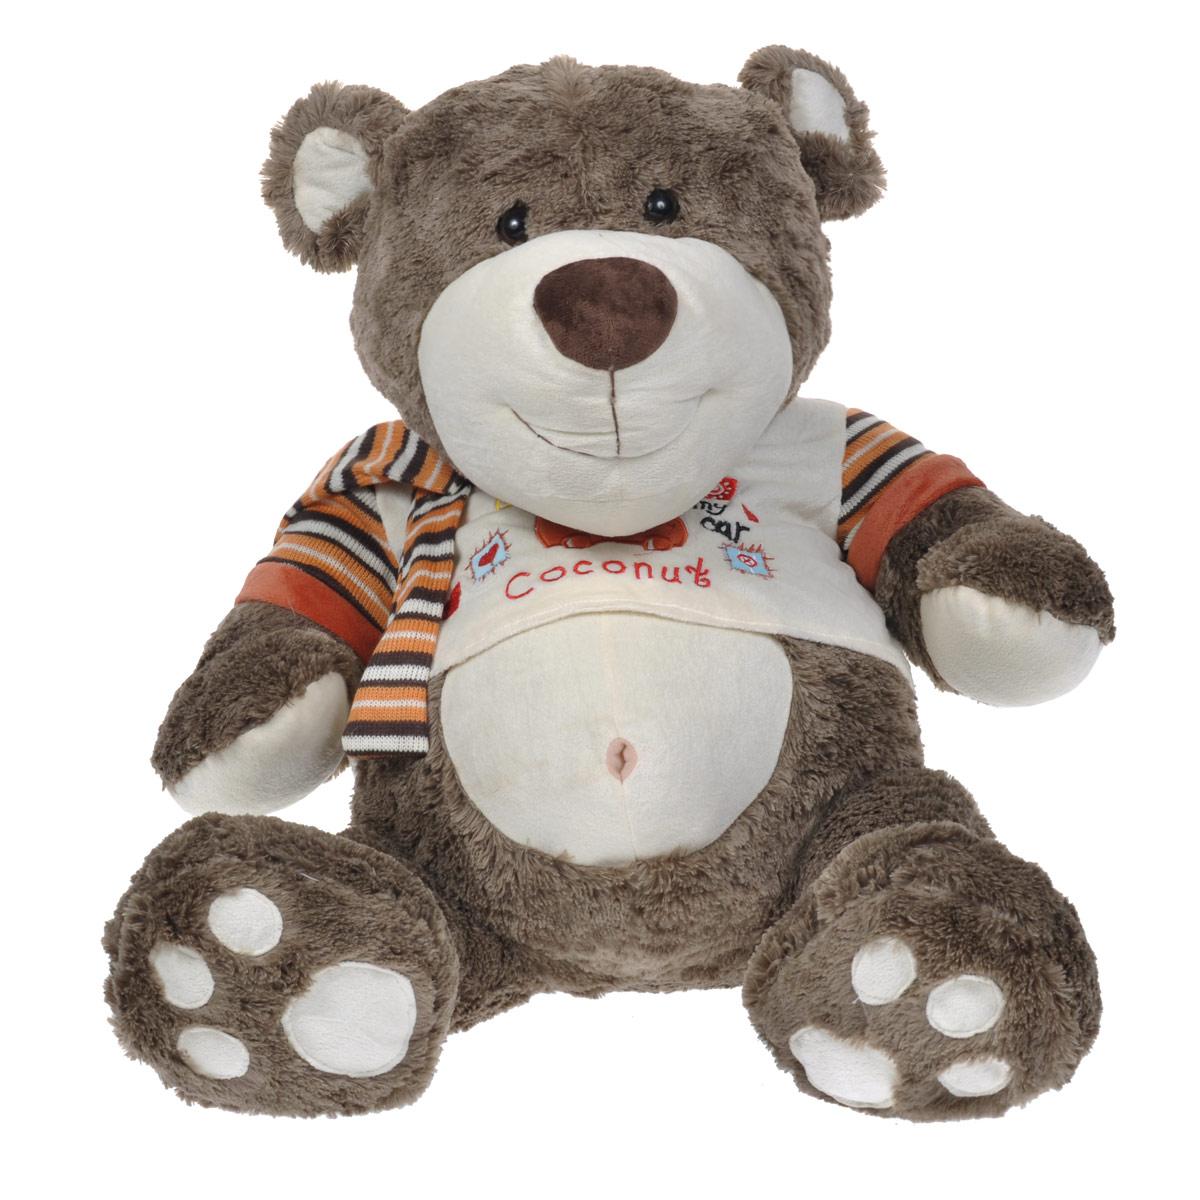 Мягкая игрушка Maxi Toys Мишка Мэд, 50 смMT-SUT031325-50SОчаровательная мягкая игрушка Maxi Toys Мишка Мэд вызовет умиление и улыбку у каждого, кто ее увидит. Она выполнена в виде милого серо-коричневого медвежонка, одетого в футболку с вышивкой и полосатый шарф. Удивительно мягкая игрушка принесет радость и подарит своему обладателю мгновения нежных объятий и приятных воспоминаний. Великолепное качество исполнения делают эту игрушку чудесным подарком к любому празднику.